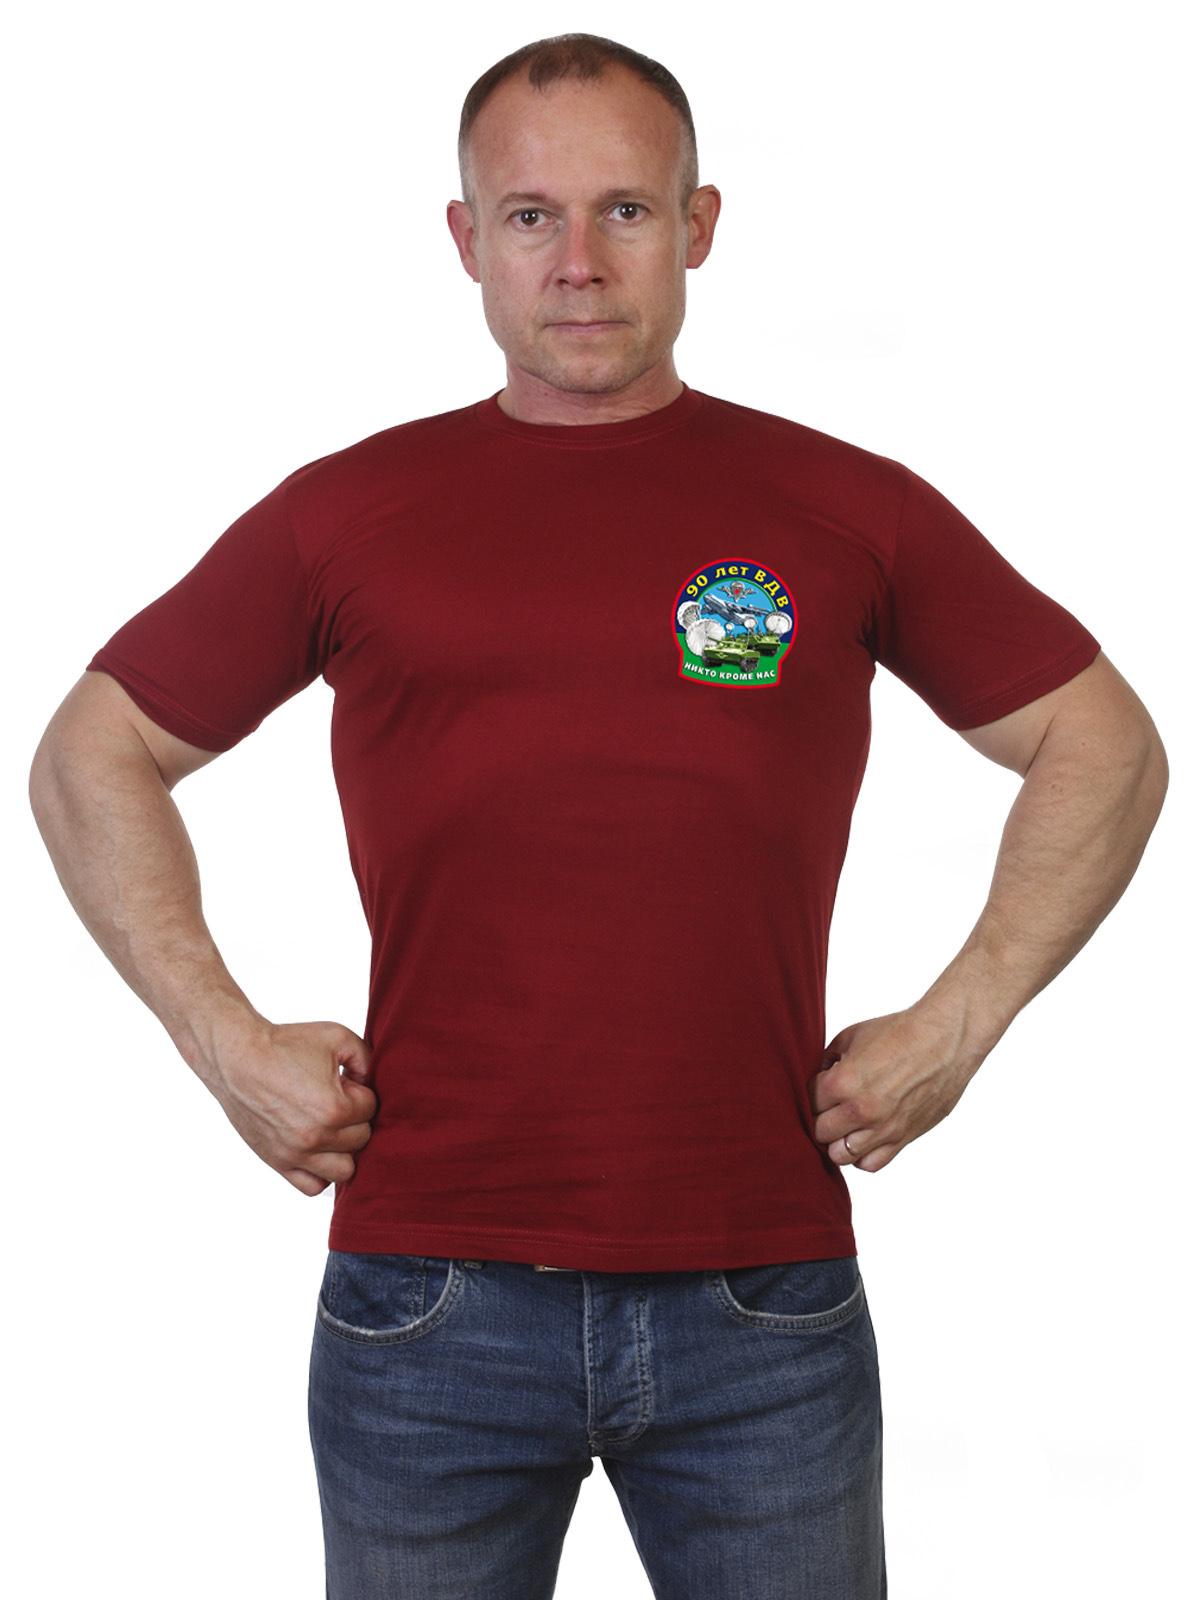 Купить футболку с десантным принтом ВДВ